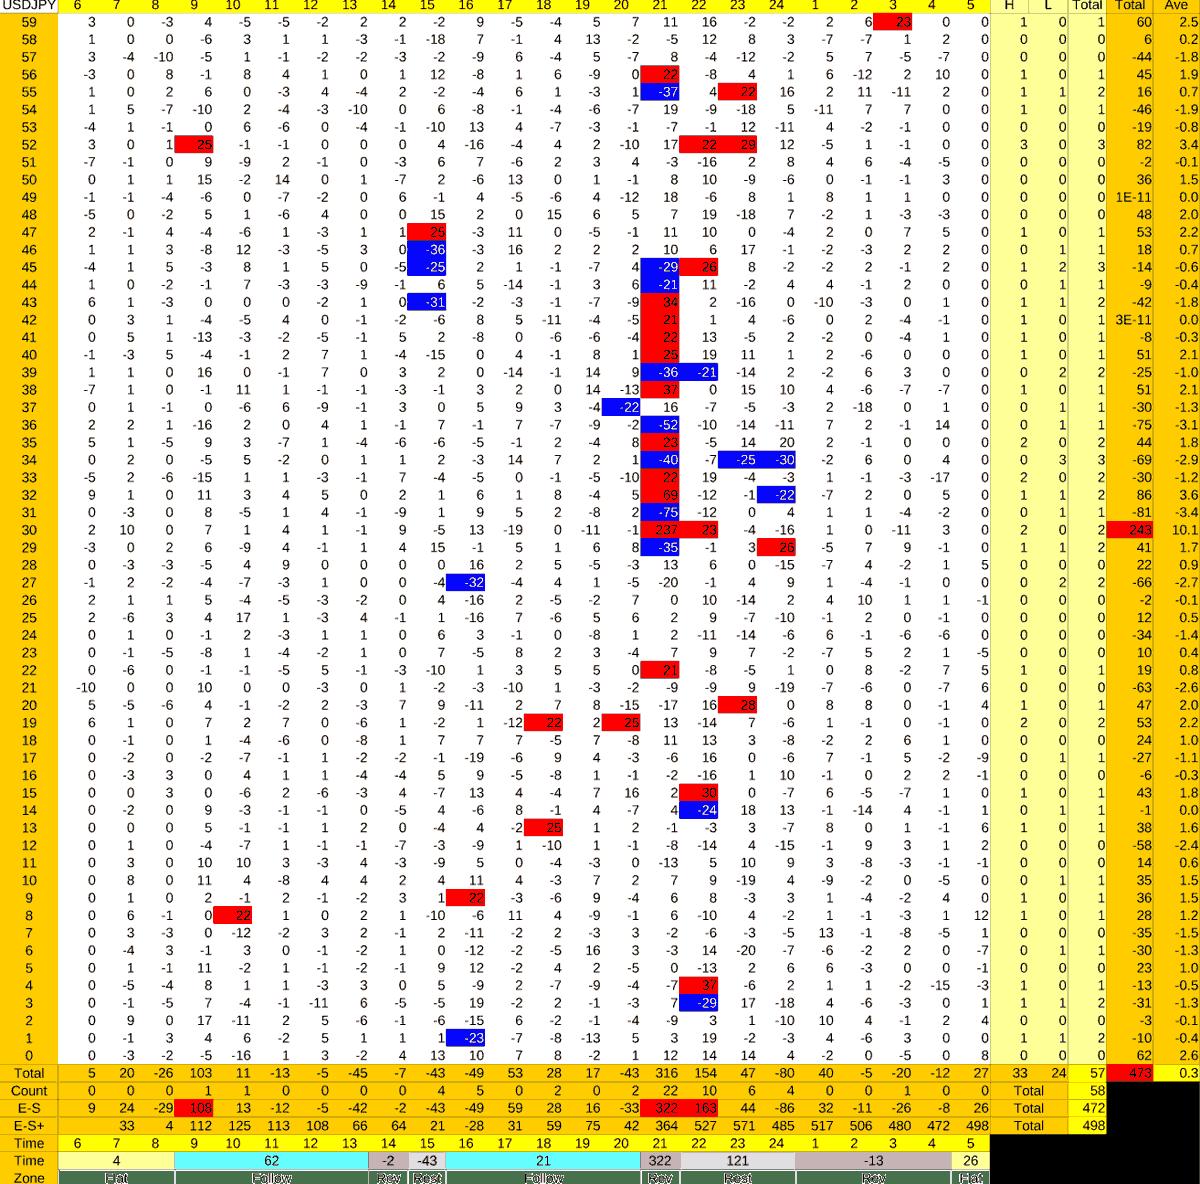 20210806_HS(1)USDJPY-min